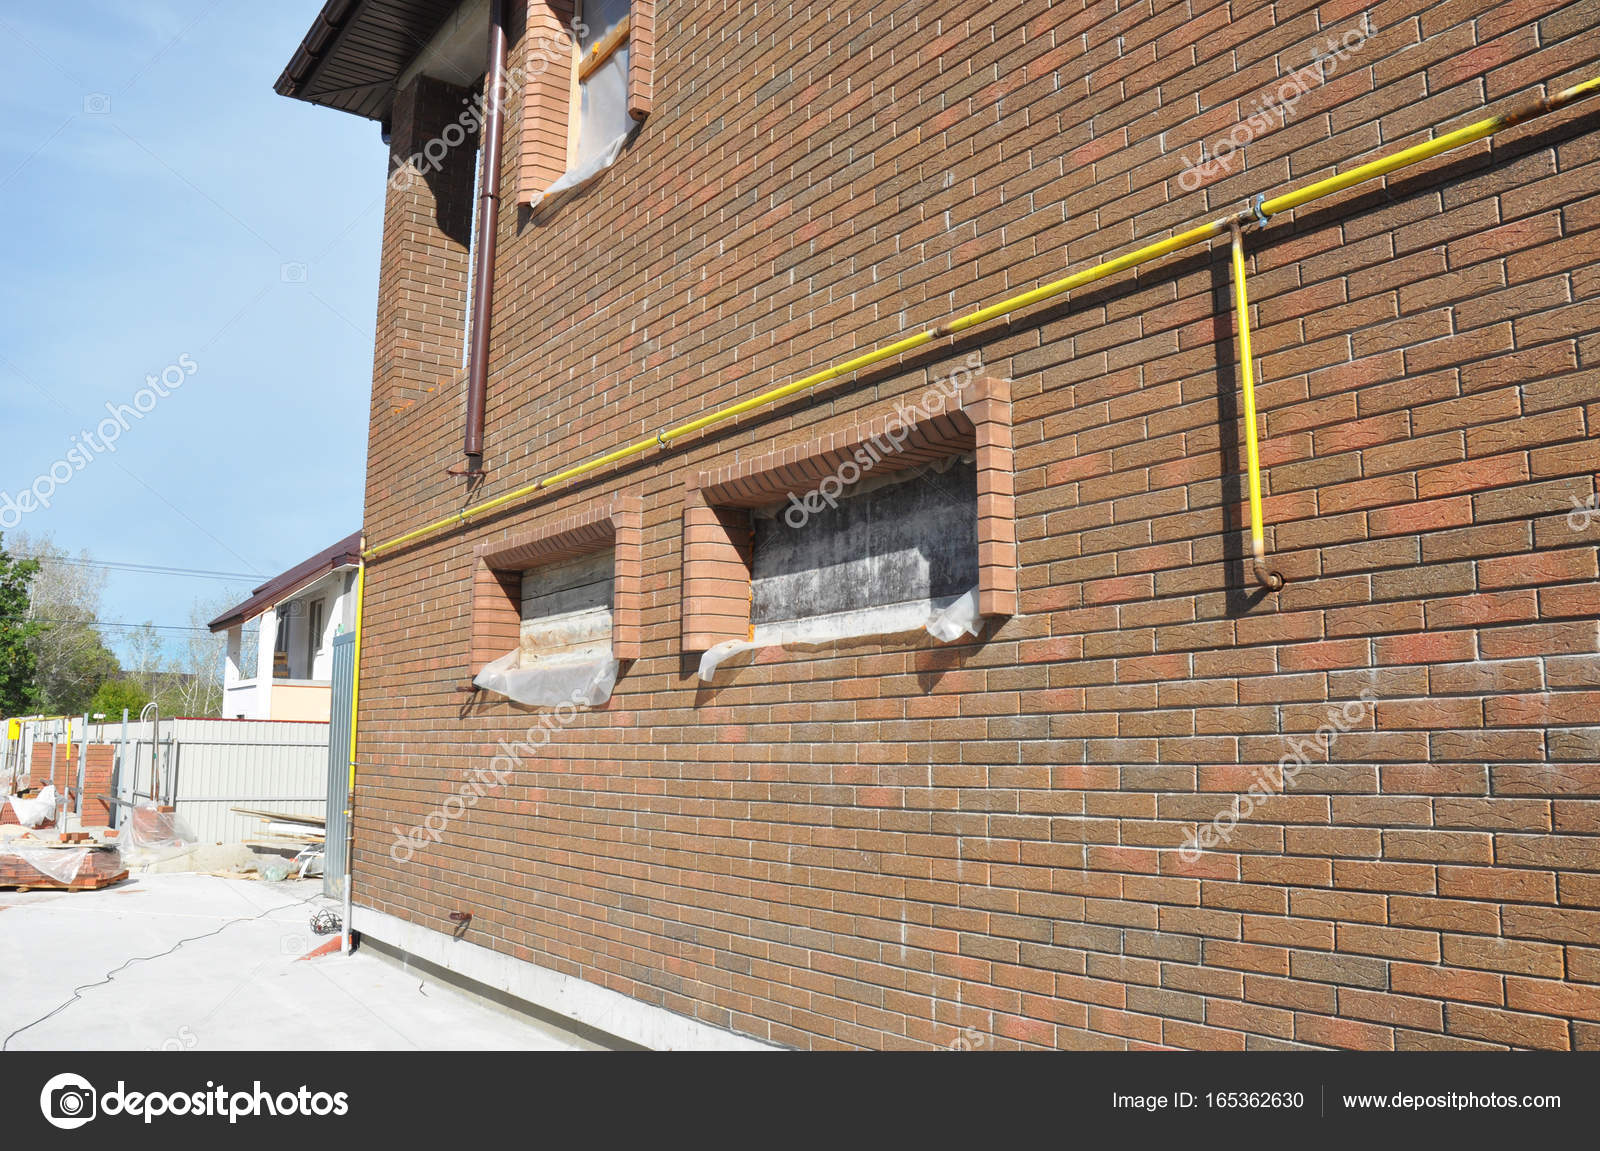 Collegamento gas tubo linea sistema installato in casa muro esterno foto stock thefutureis - Tubo gas esterno ...